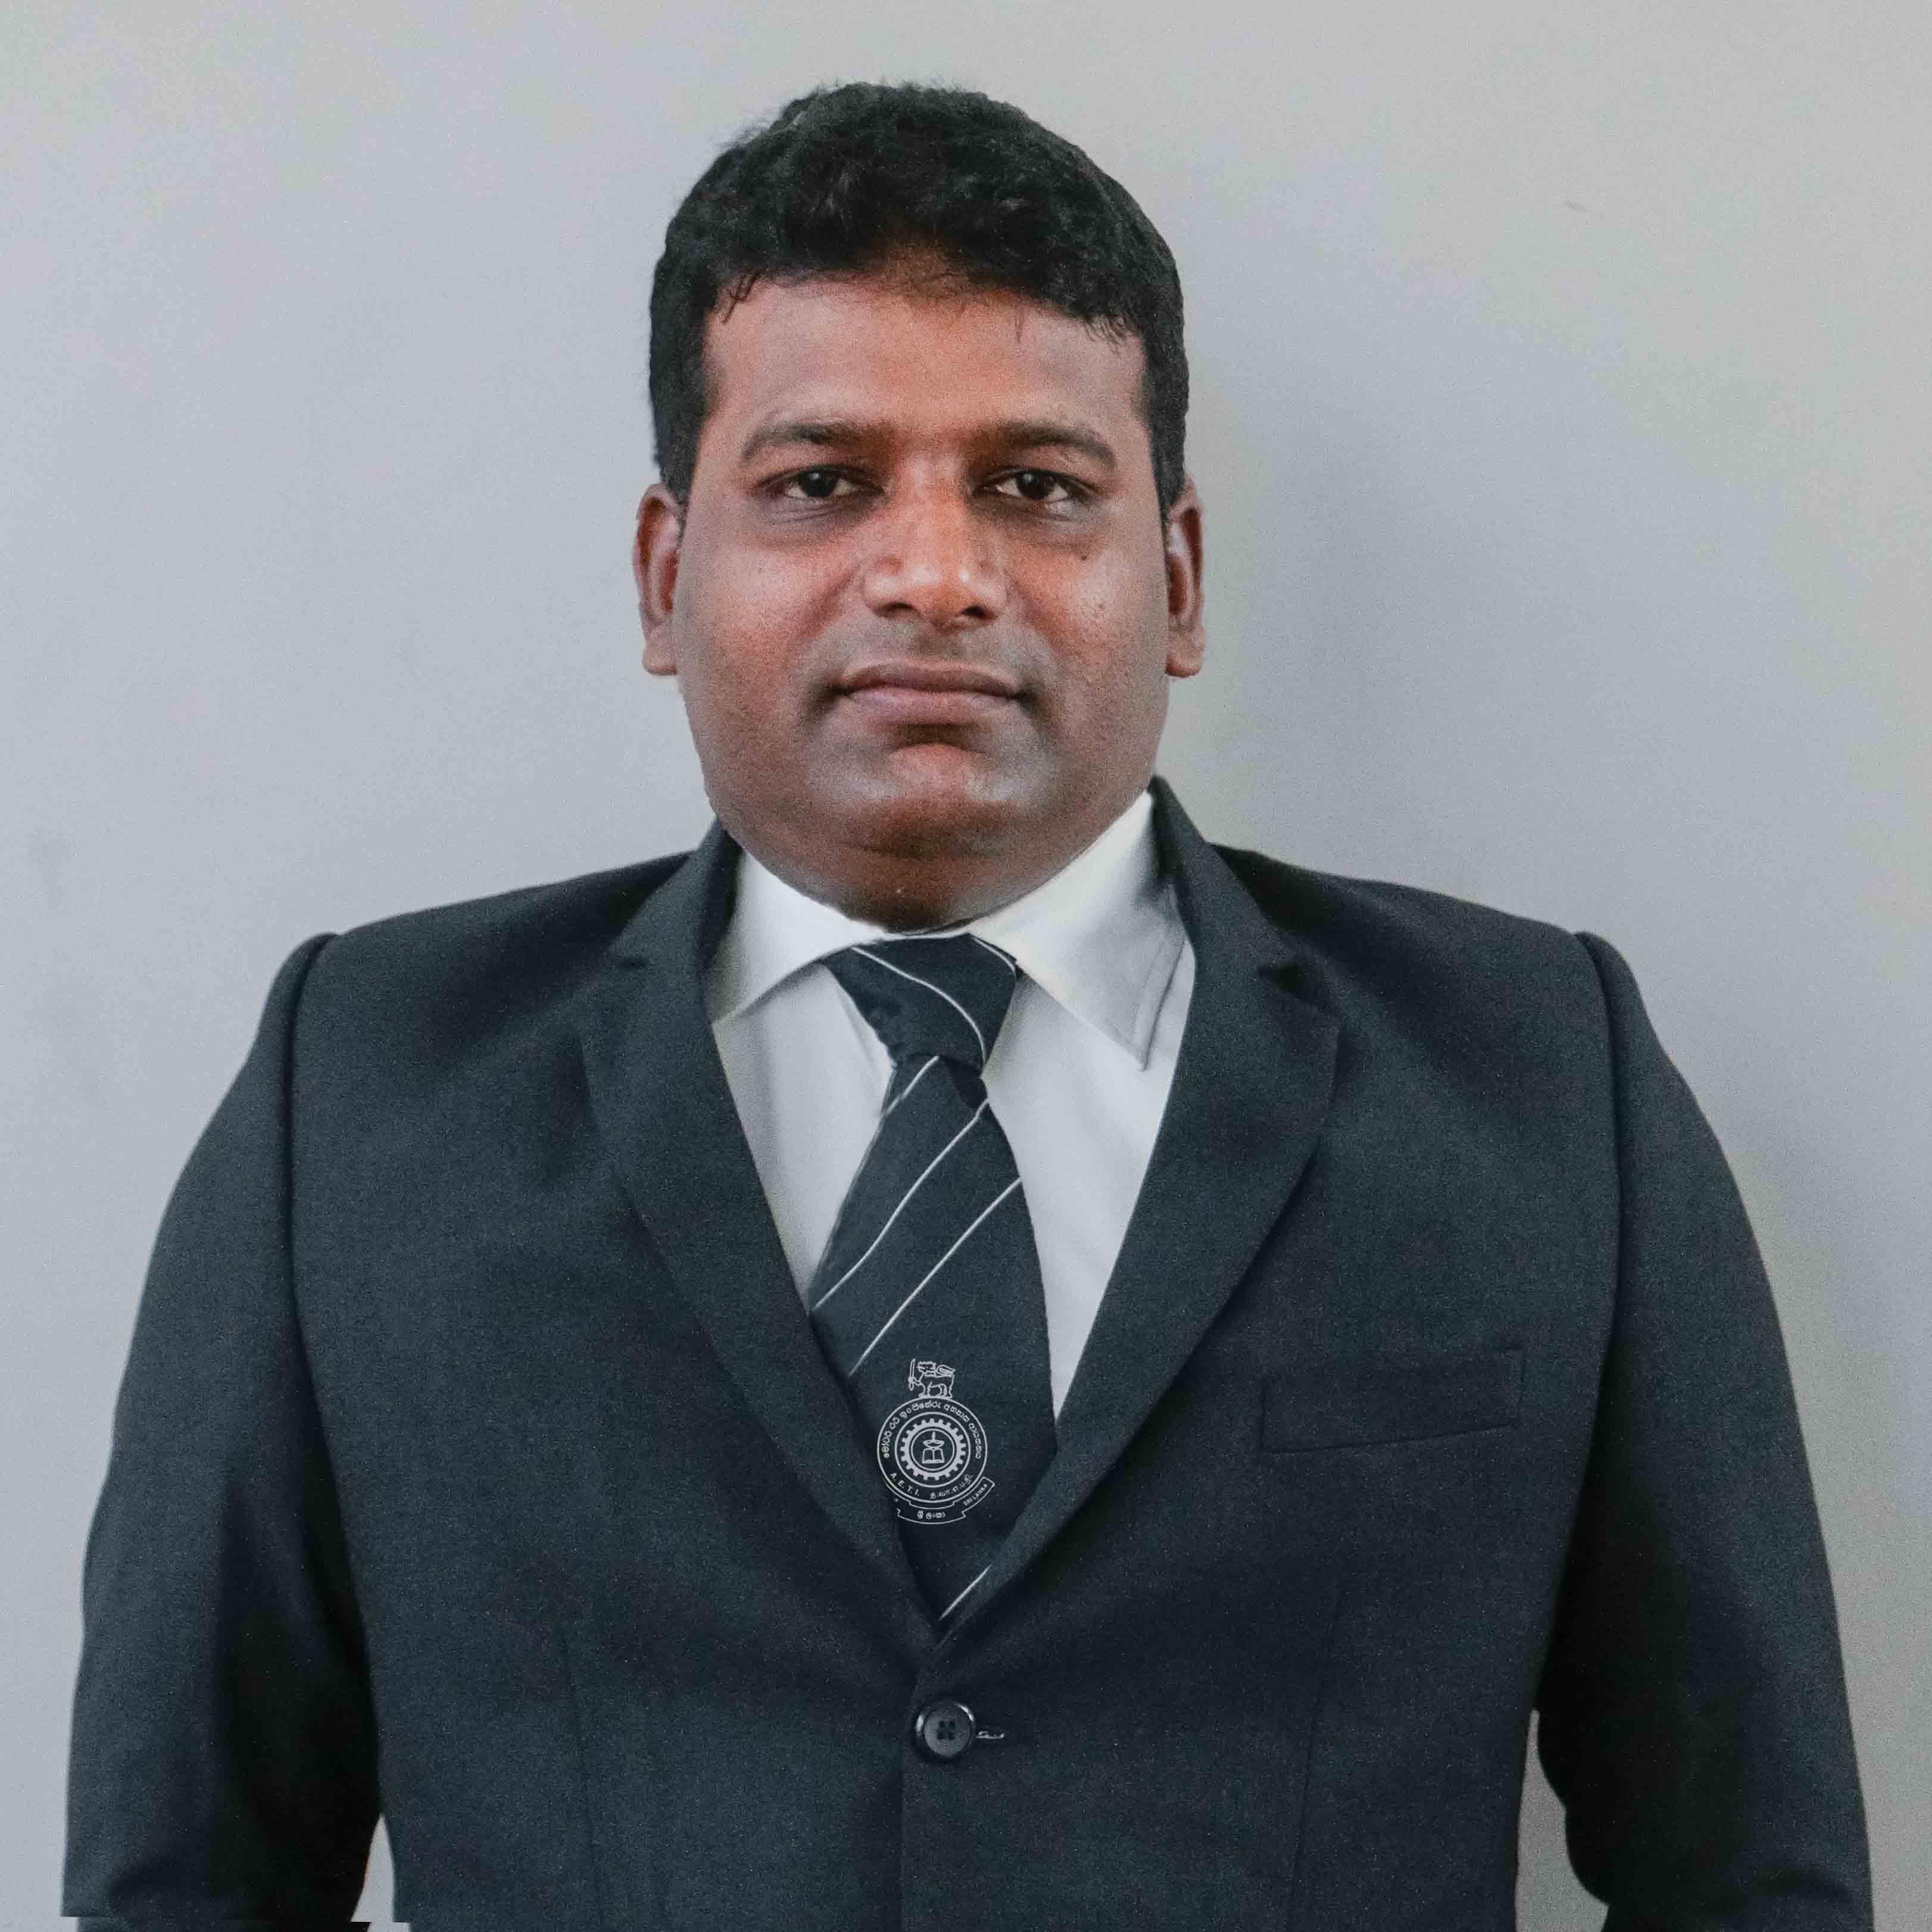 Mr. R.P.P. Munasinghe